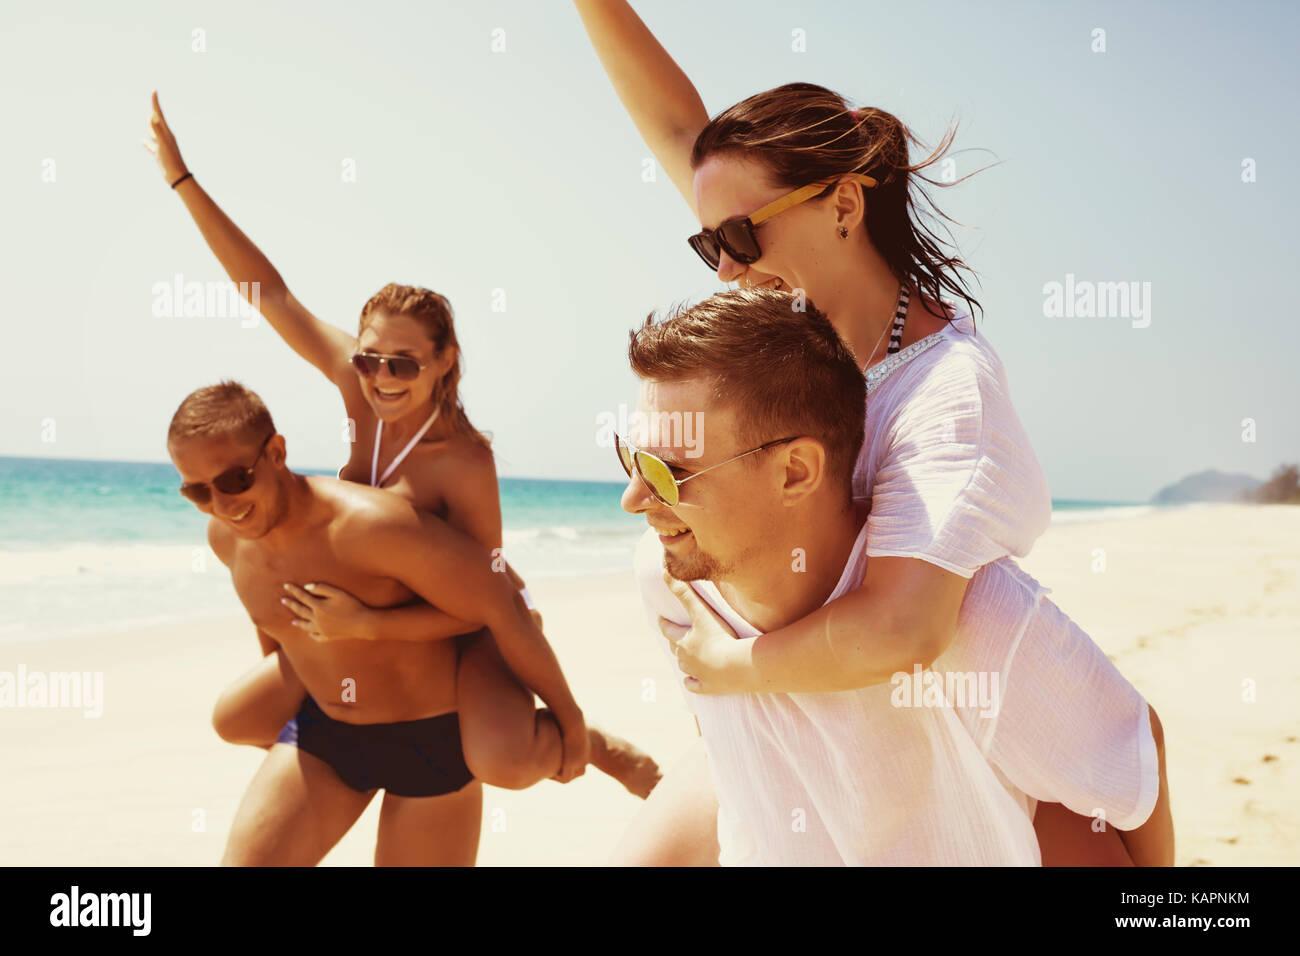 Deux couples amis fun run de plage Photo Stock